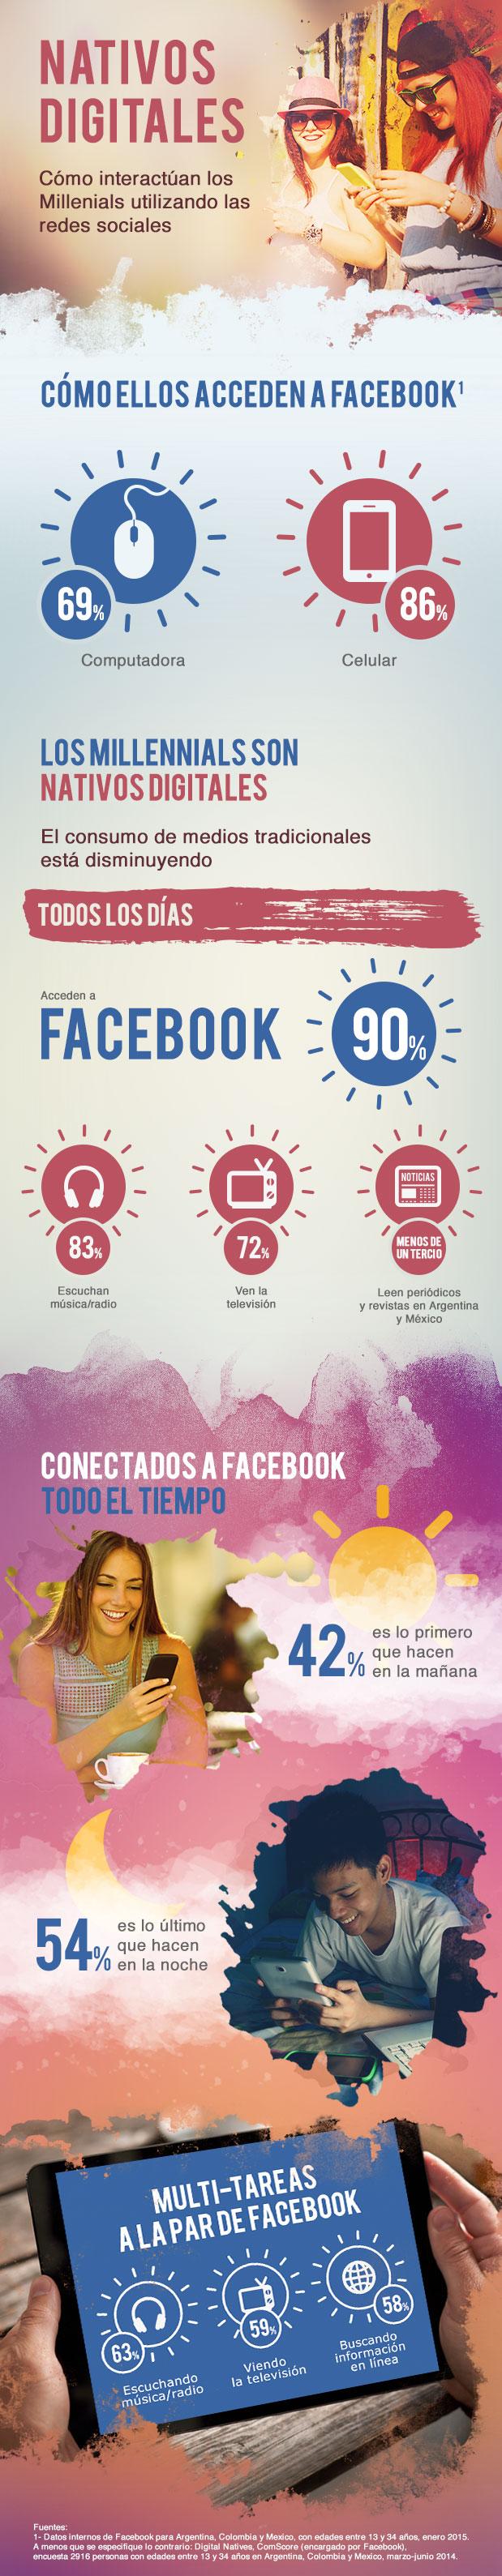 Millenials y Redes Sociales